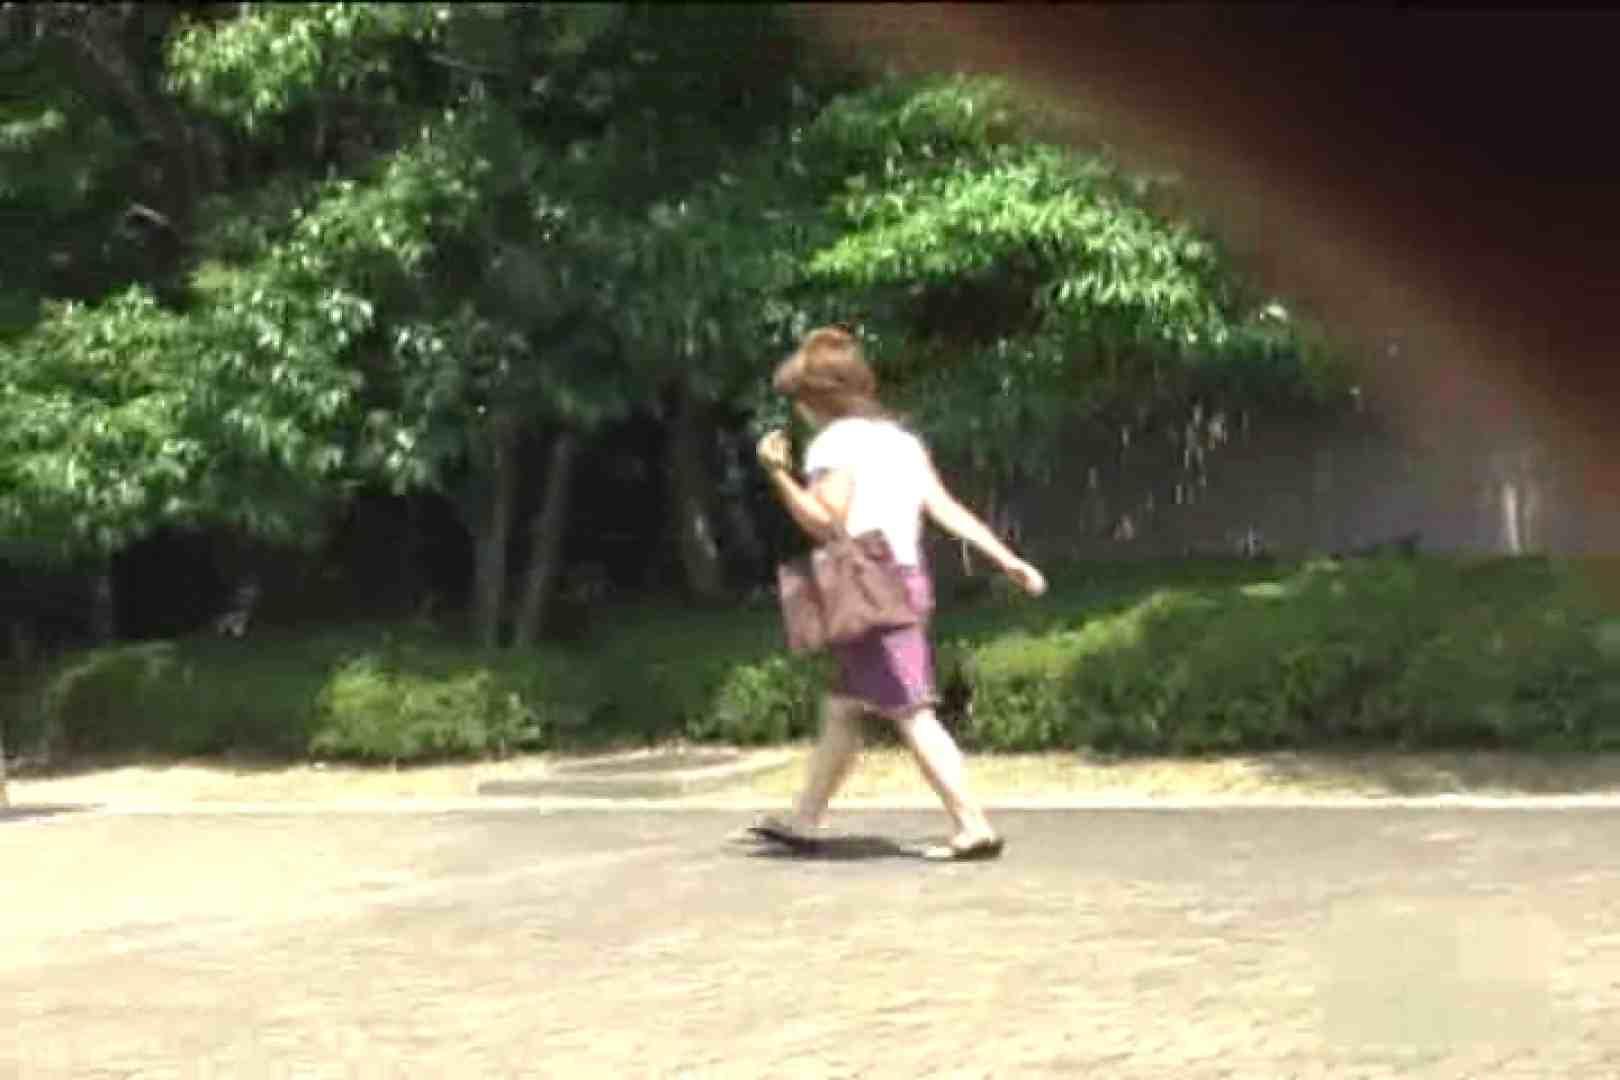 検証!隠し撮りスカートめくり!!Vol.8 ミニスカート | OLセックス  108画像 67